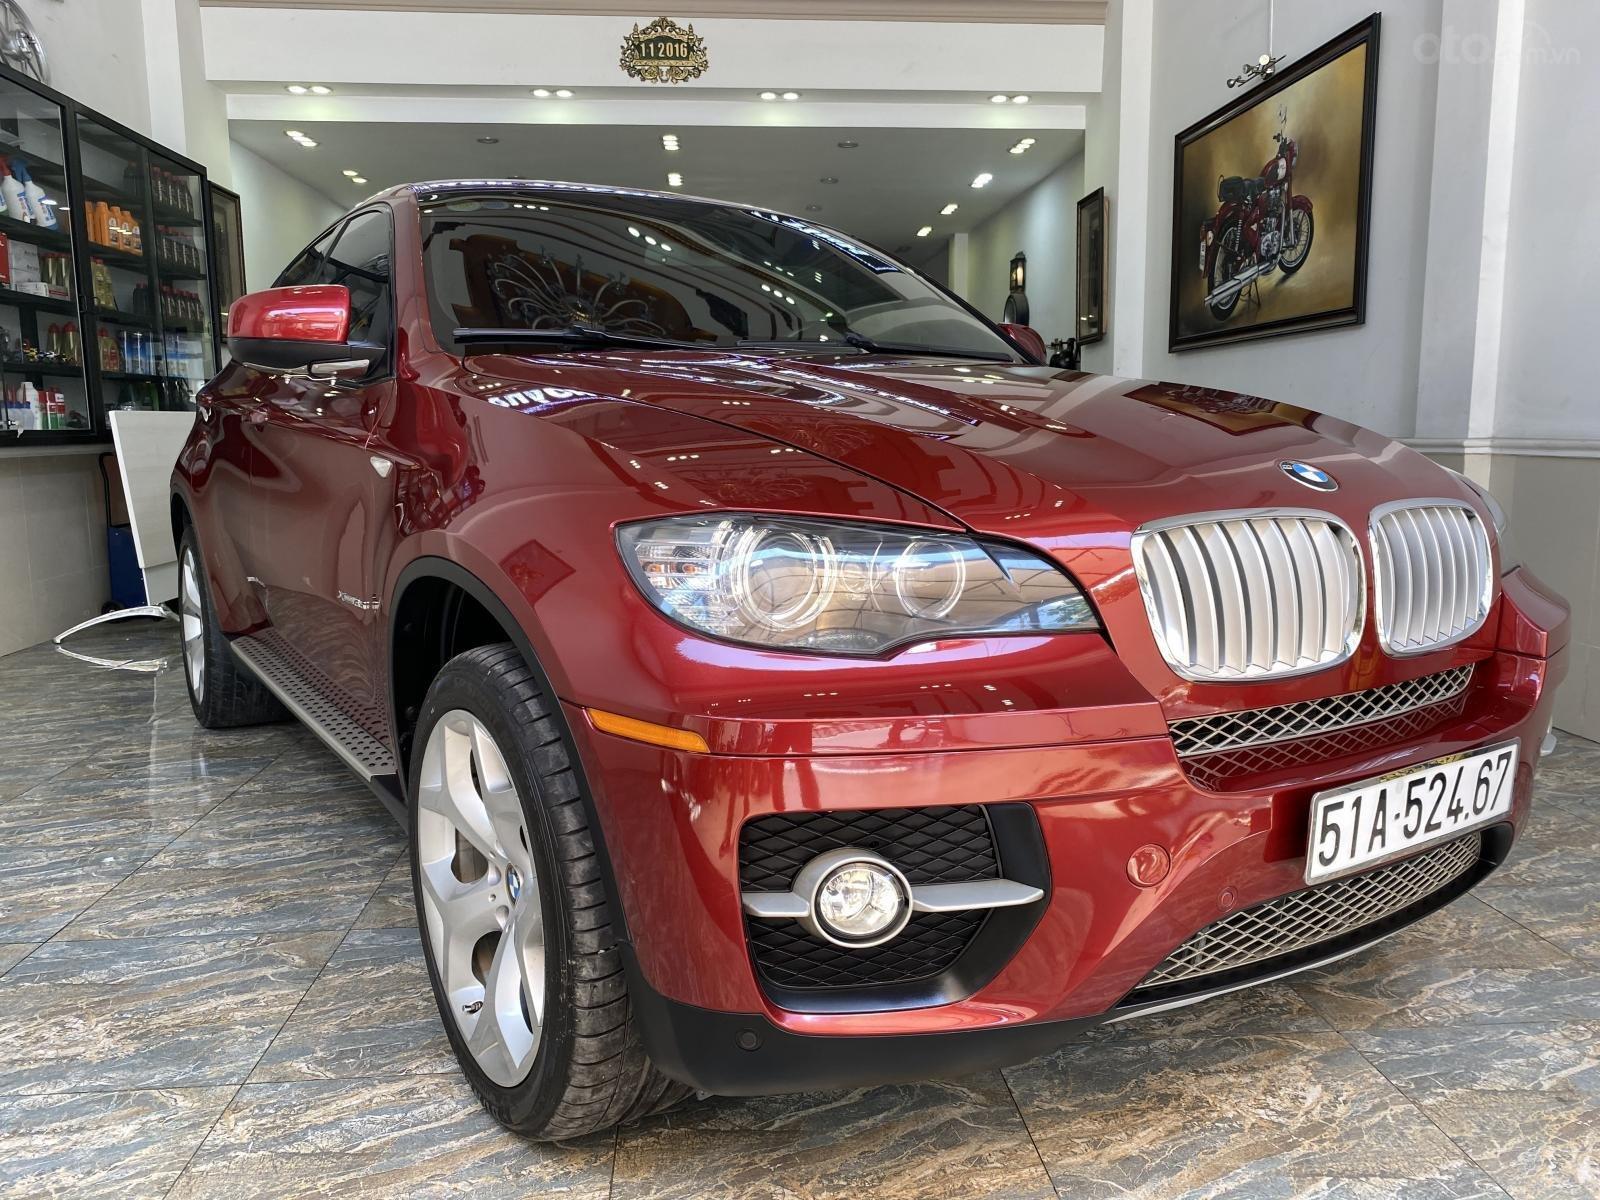 BMW X6 3.2 xe chuẩn zin, đẹp (1)